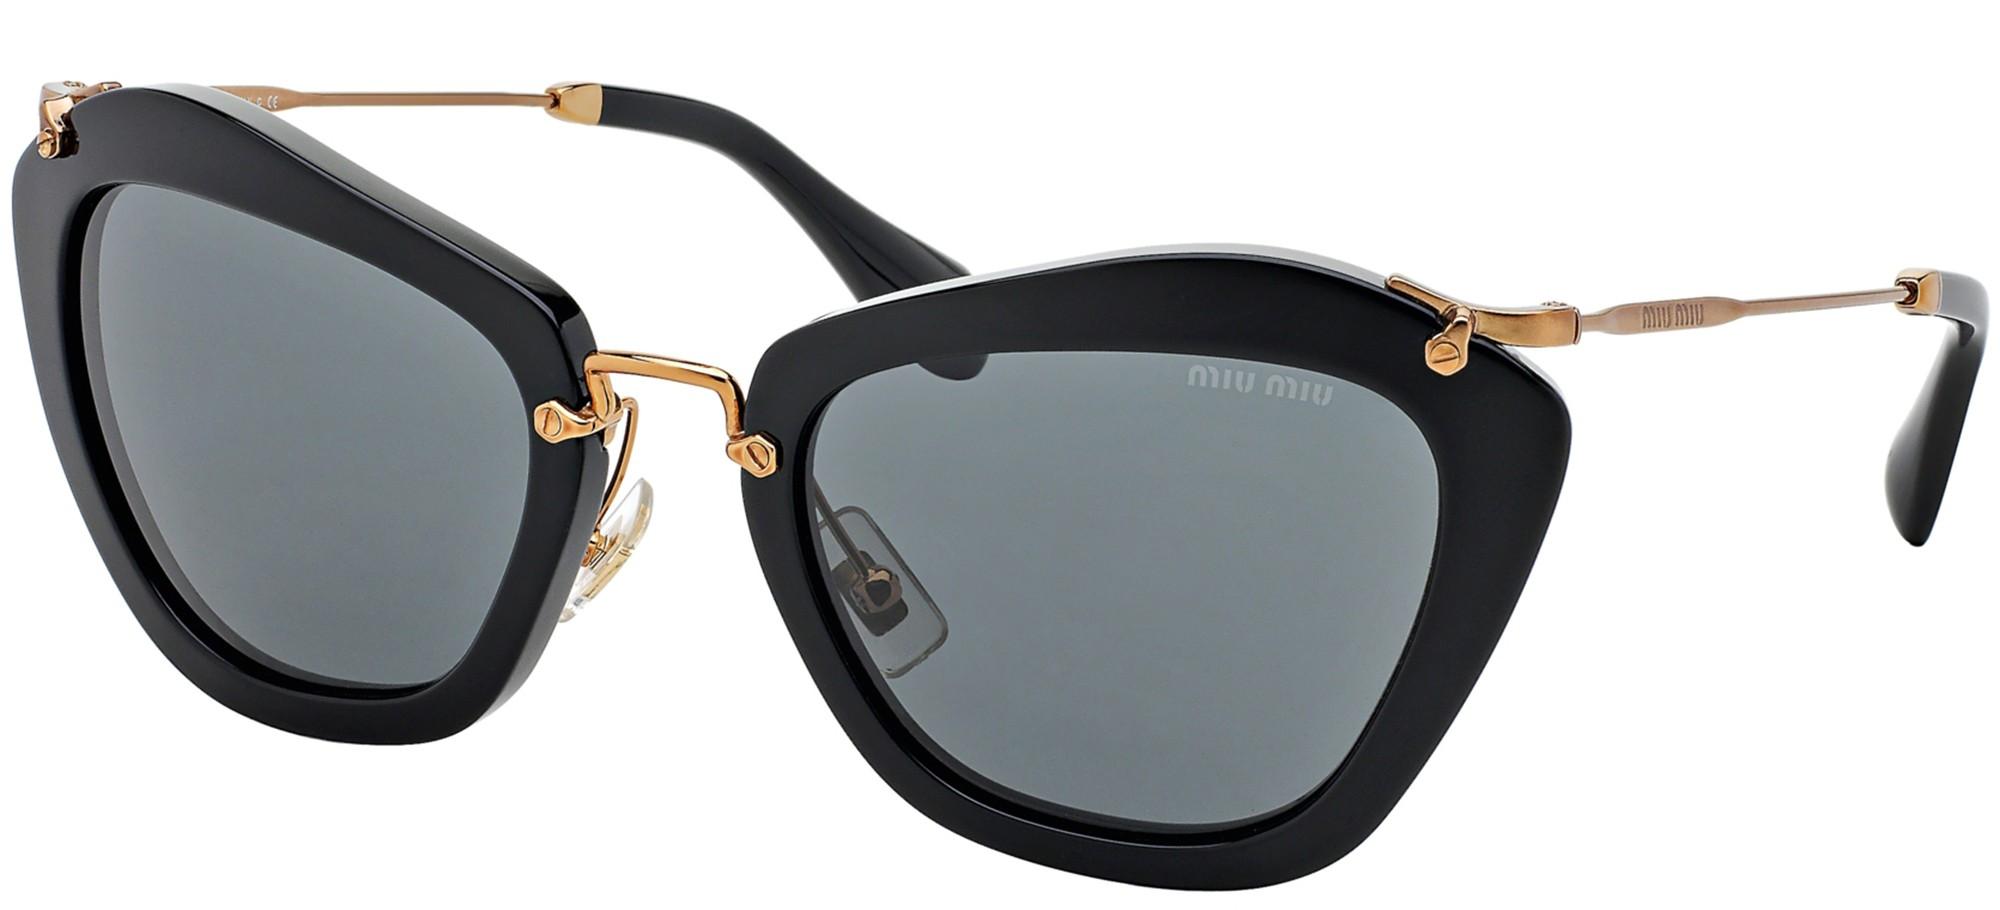 Miu Miu Sunglasses 2017 Price